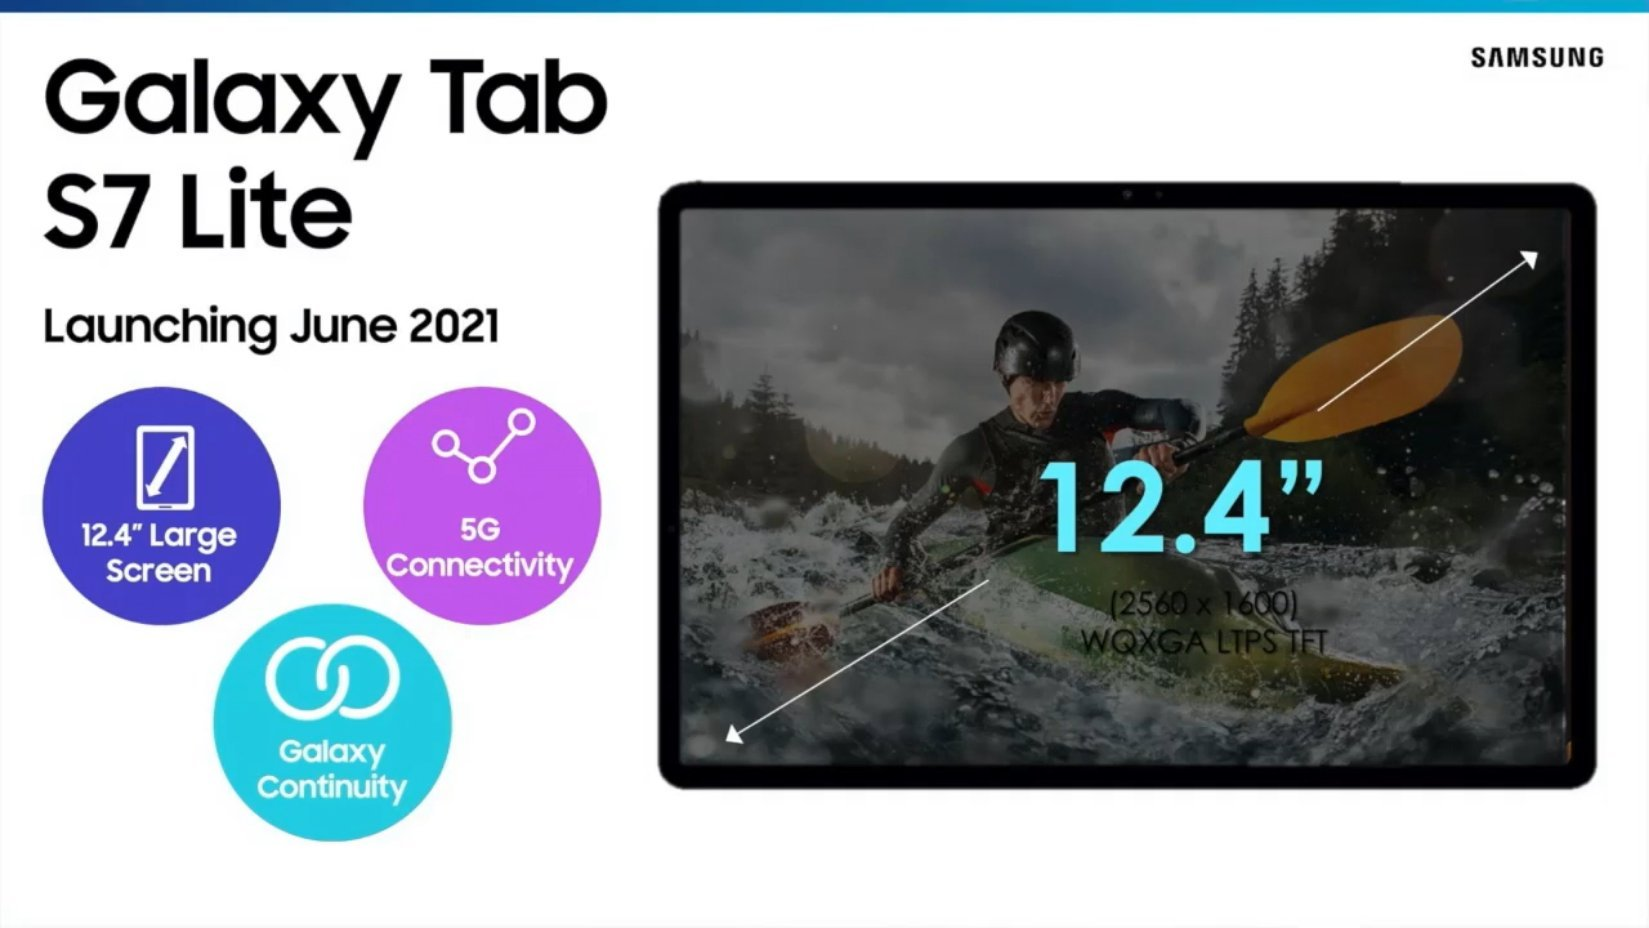 Samsung Galaxy Tab S7 Lite 5G Rendering Exposed Online